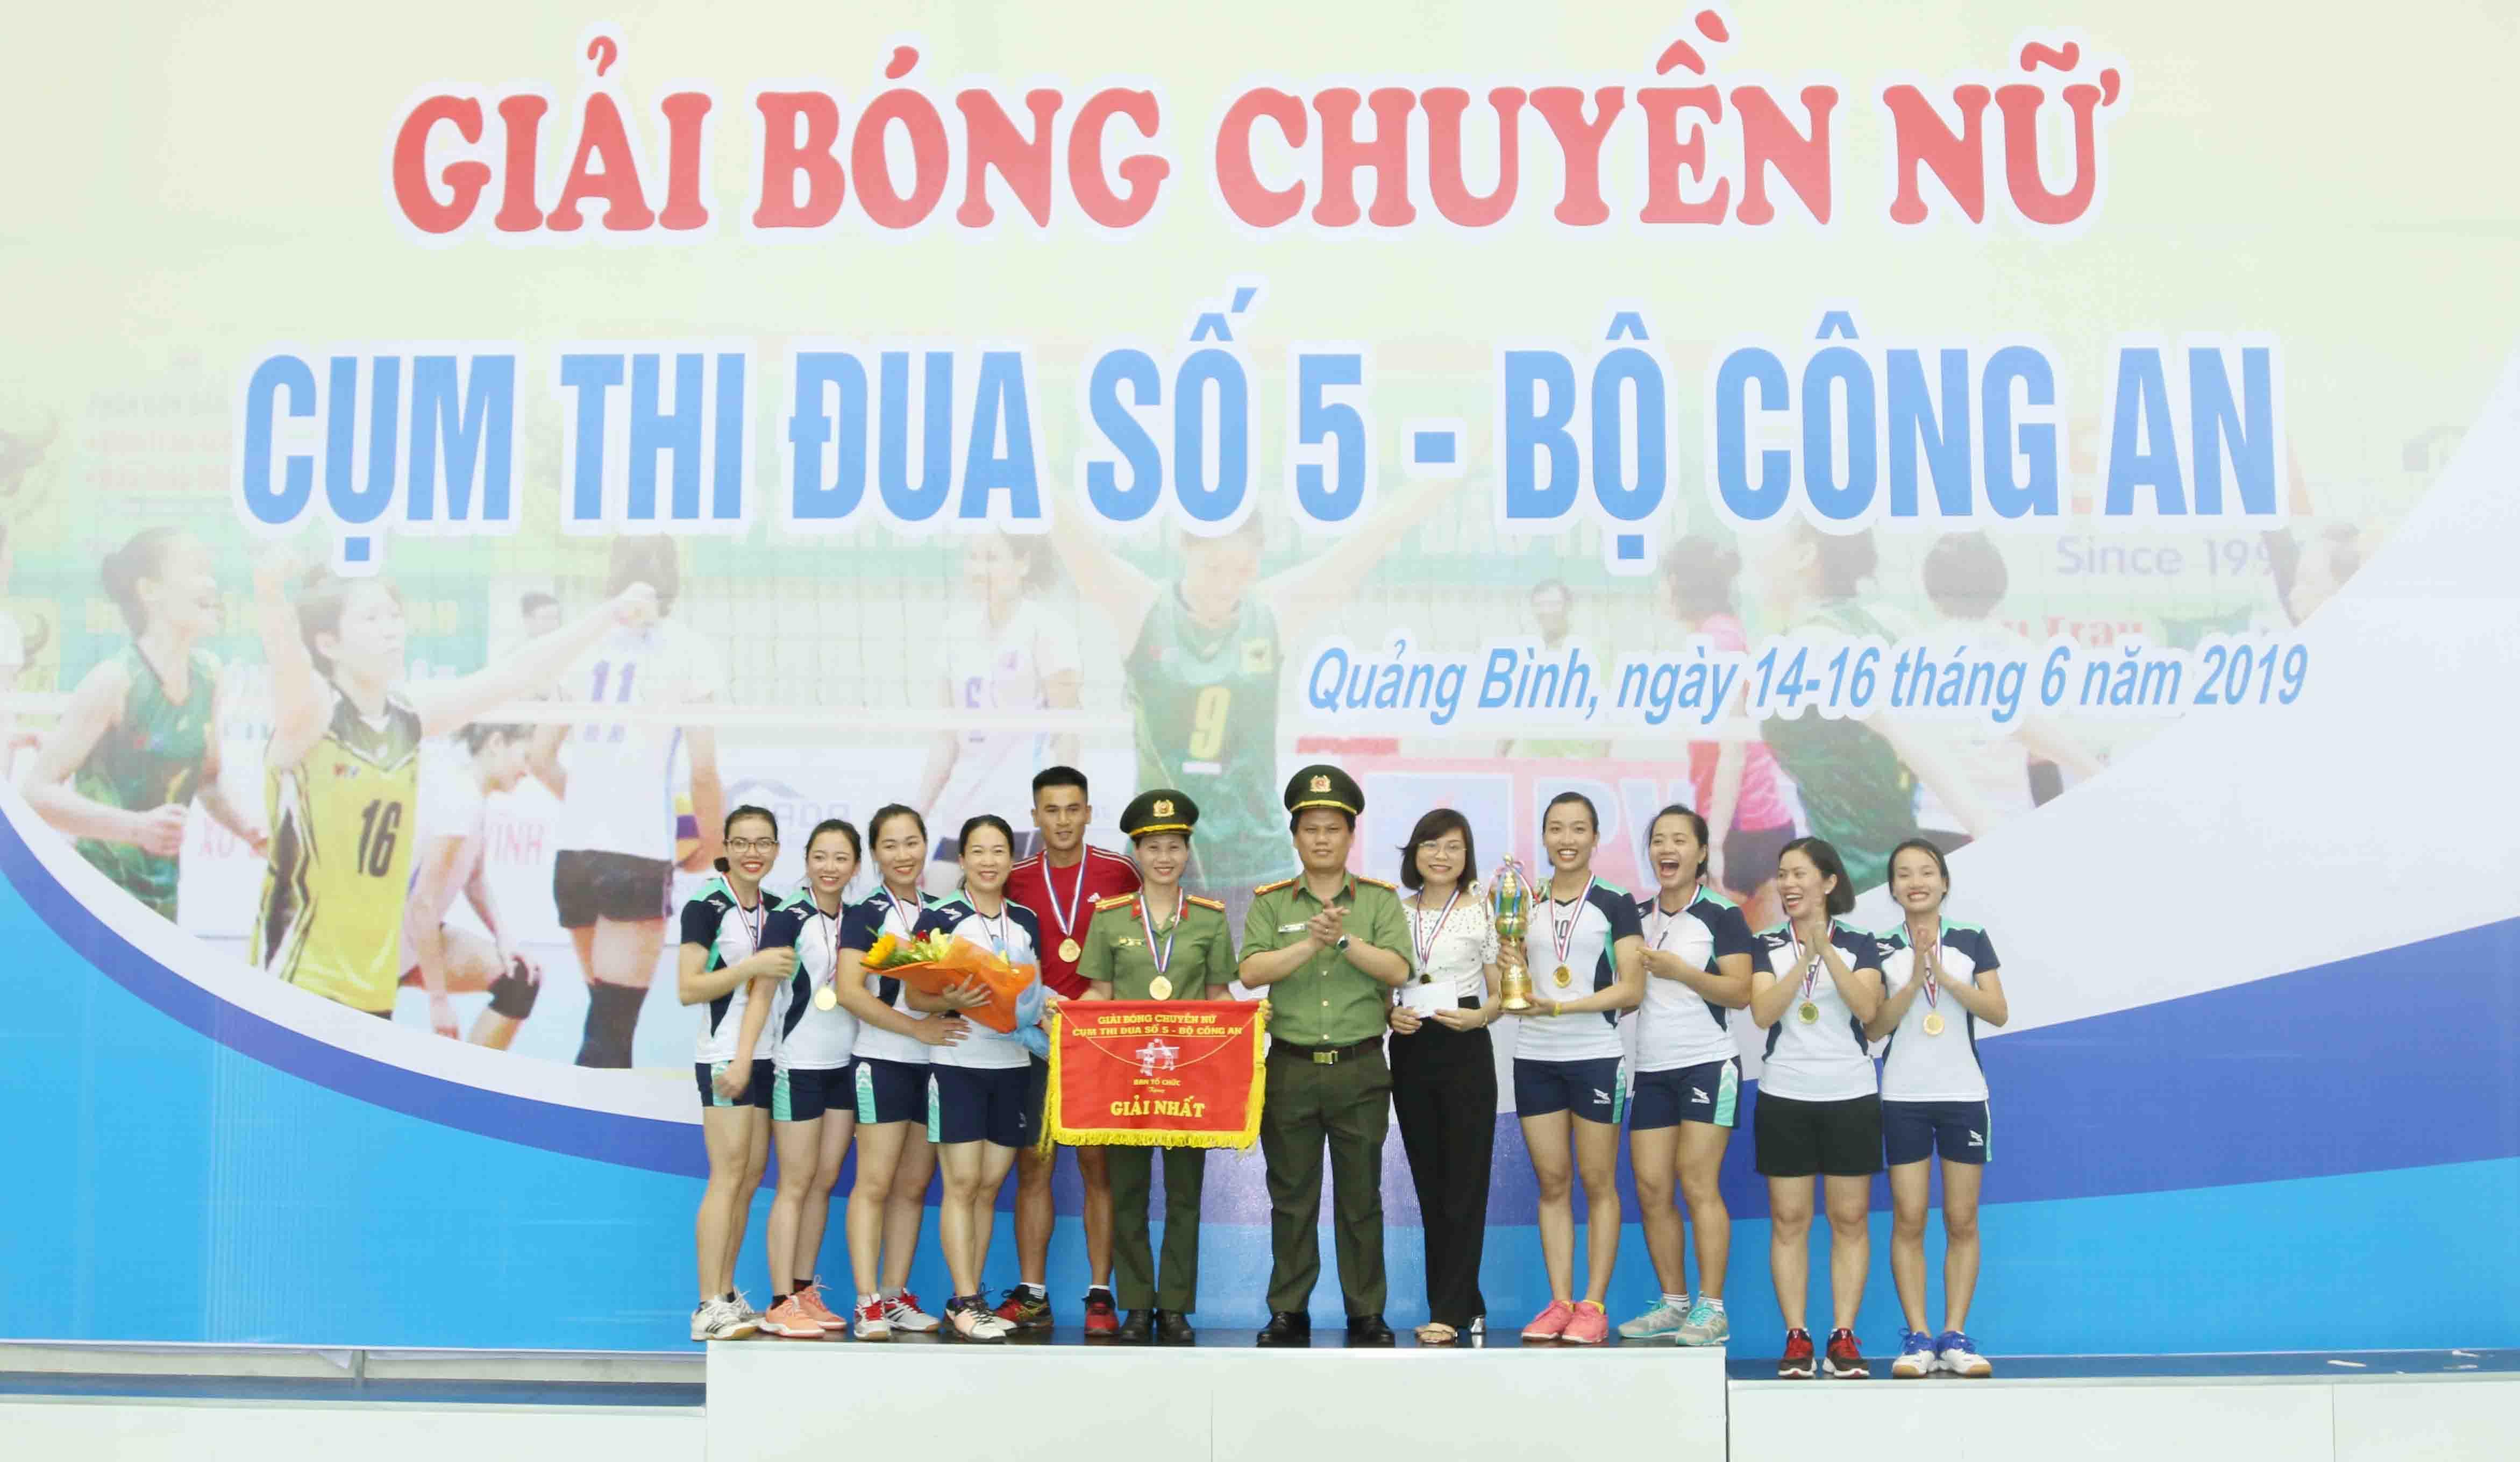 Tổ chức thành công giải Bóng chuyền Nữ- Cụm thi đua số 5 – Bộ Công an